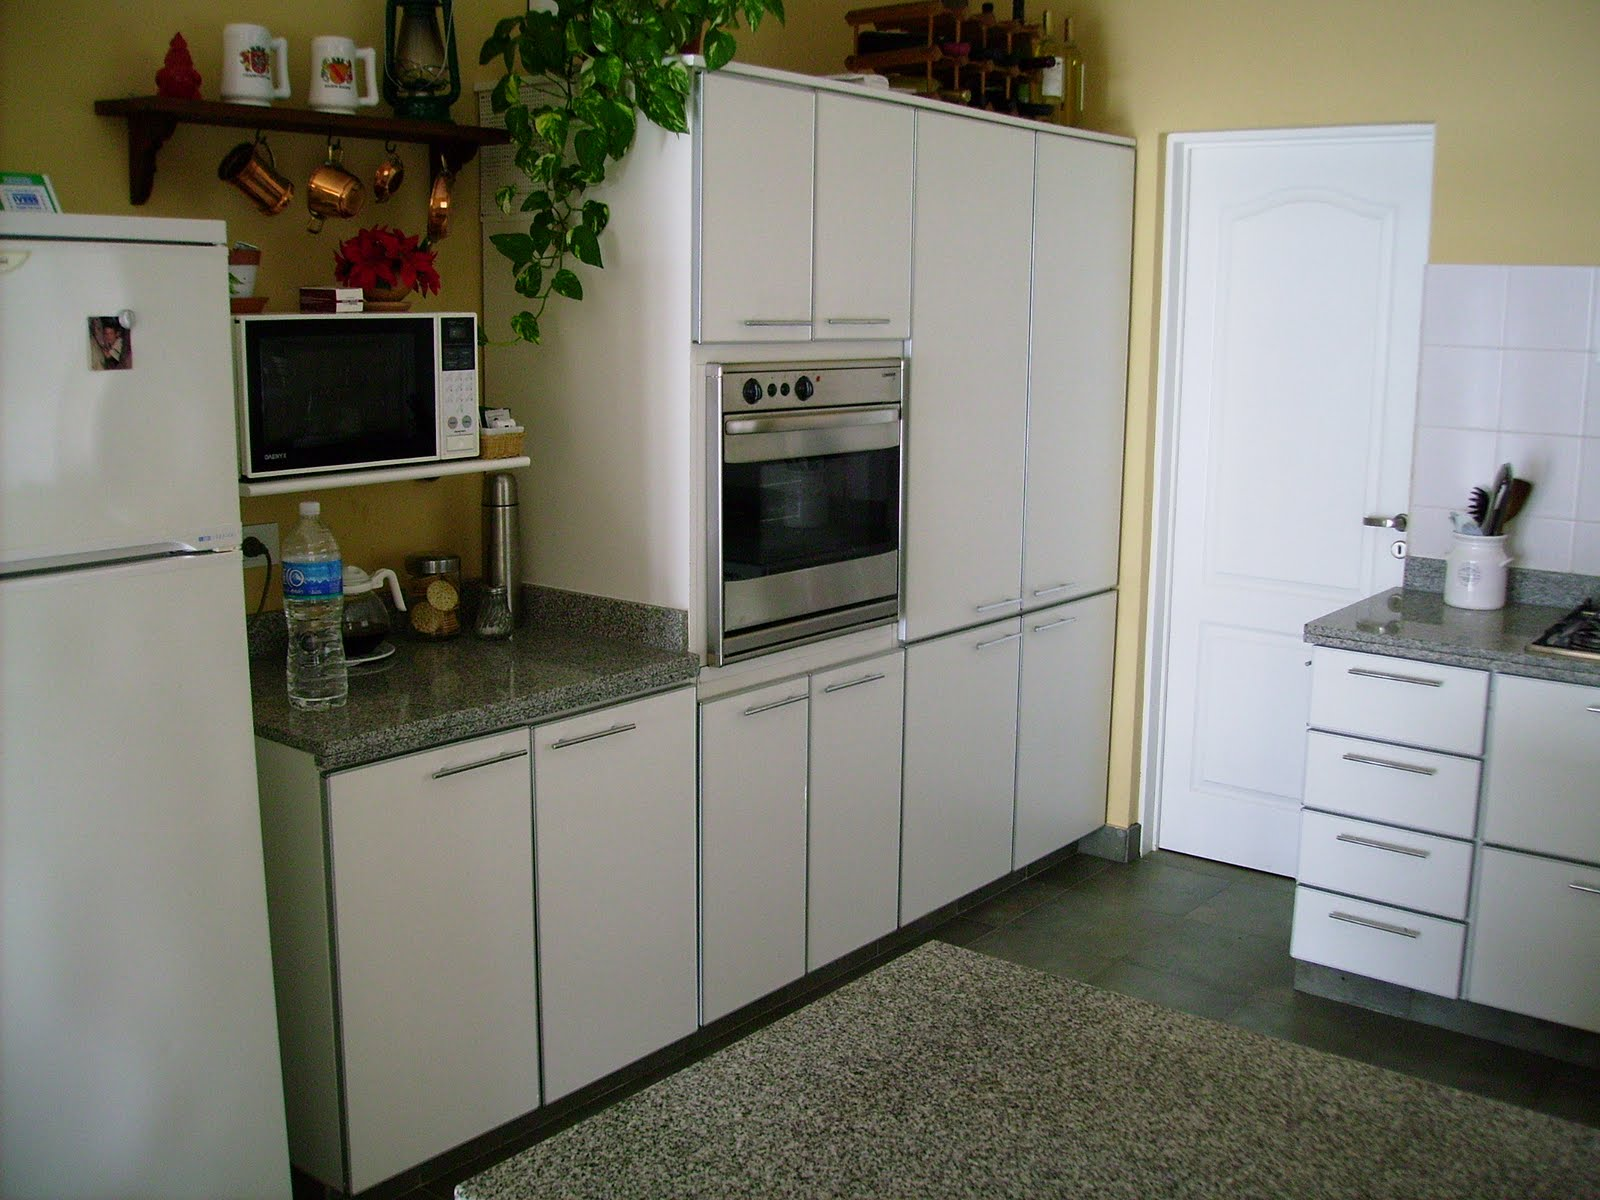 Muebles del bajo mueble de cocina for Muebles bajos para cocina